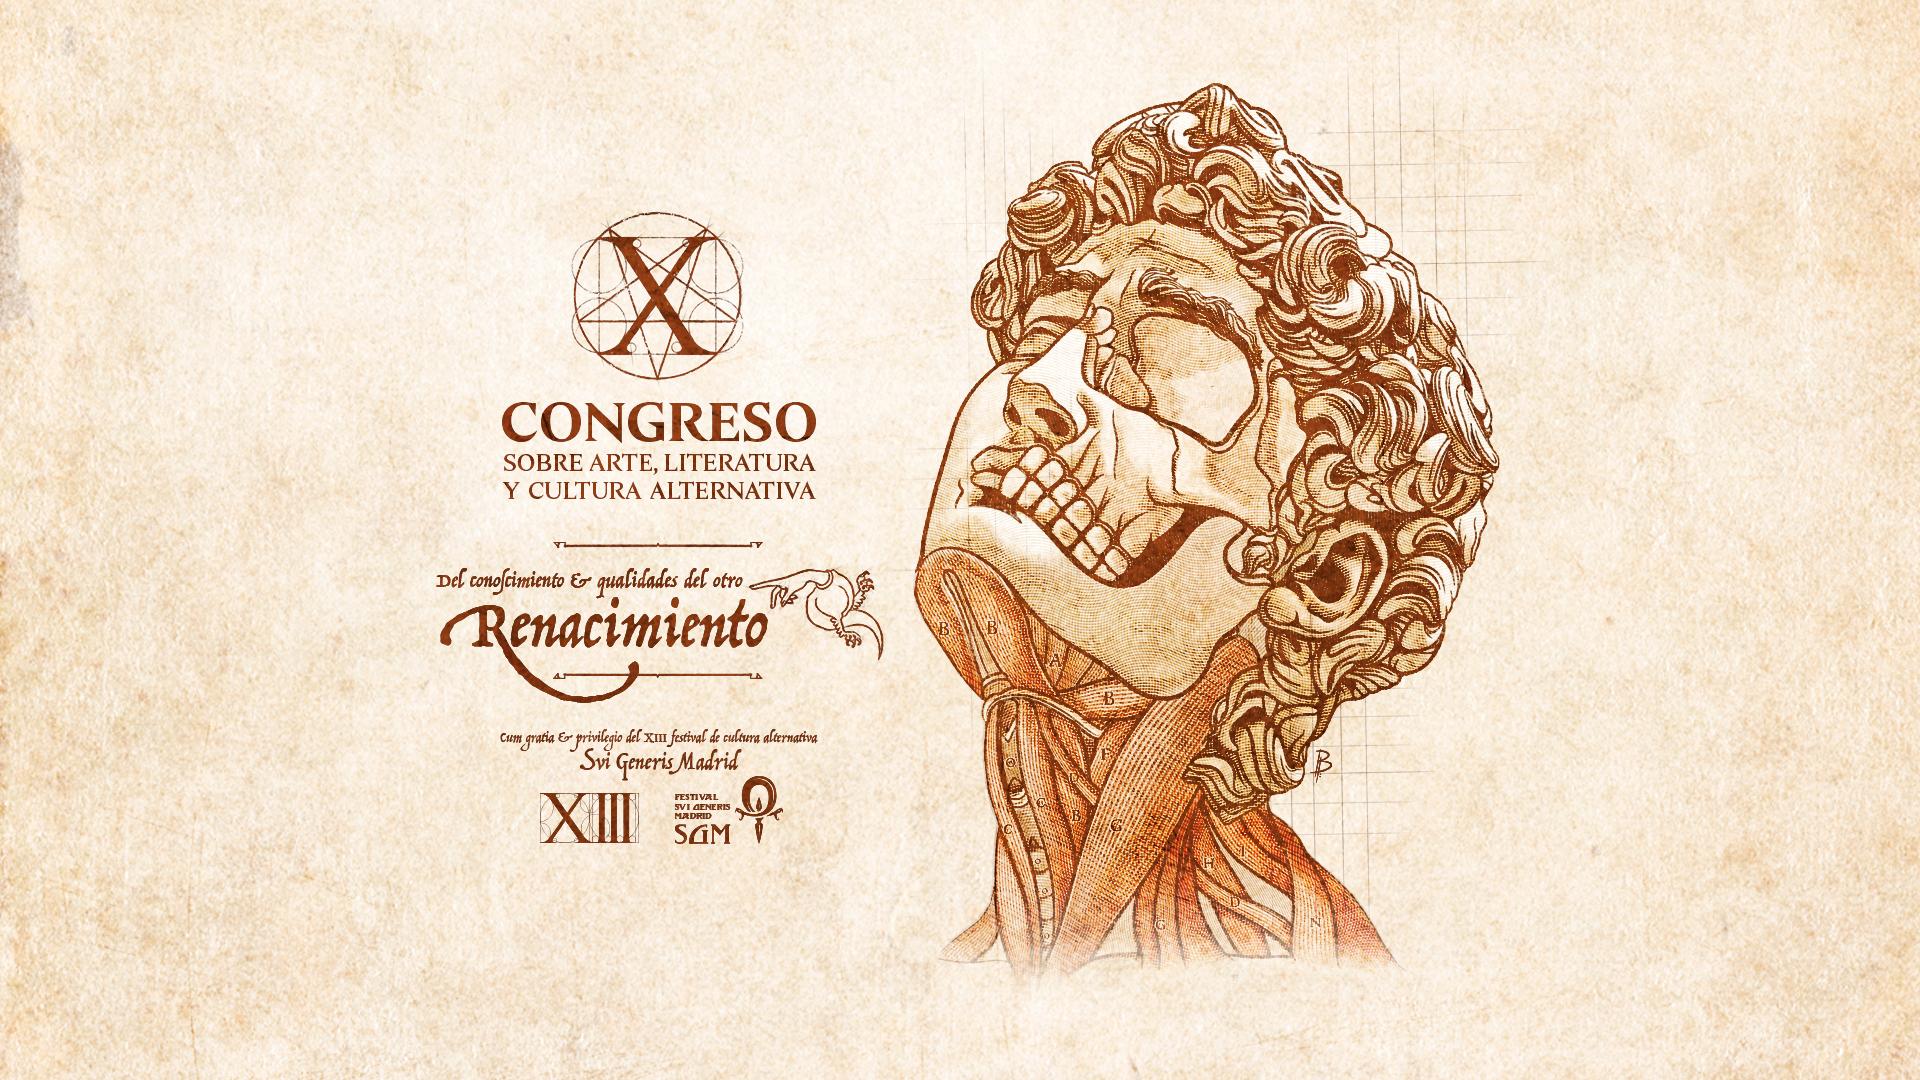 Imagen X Congreso sobre Arte, Literatura y Cultura Alternativa